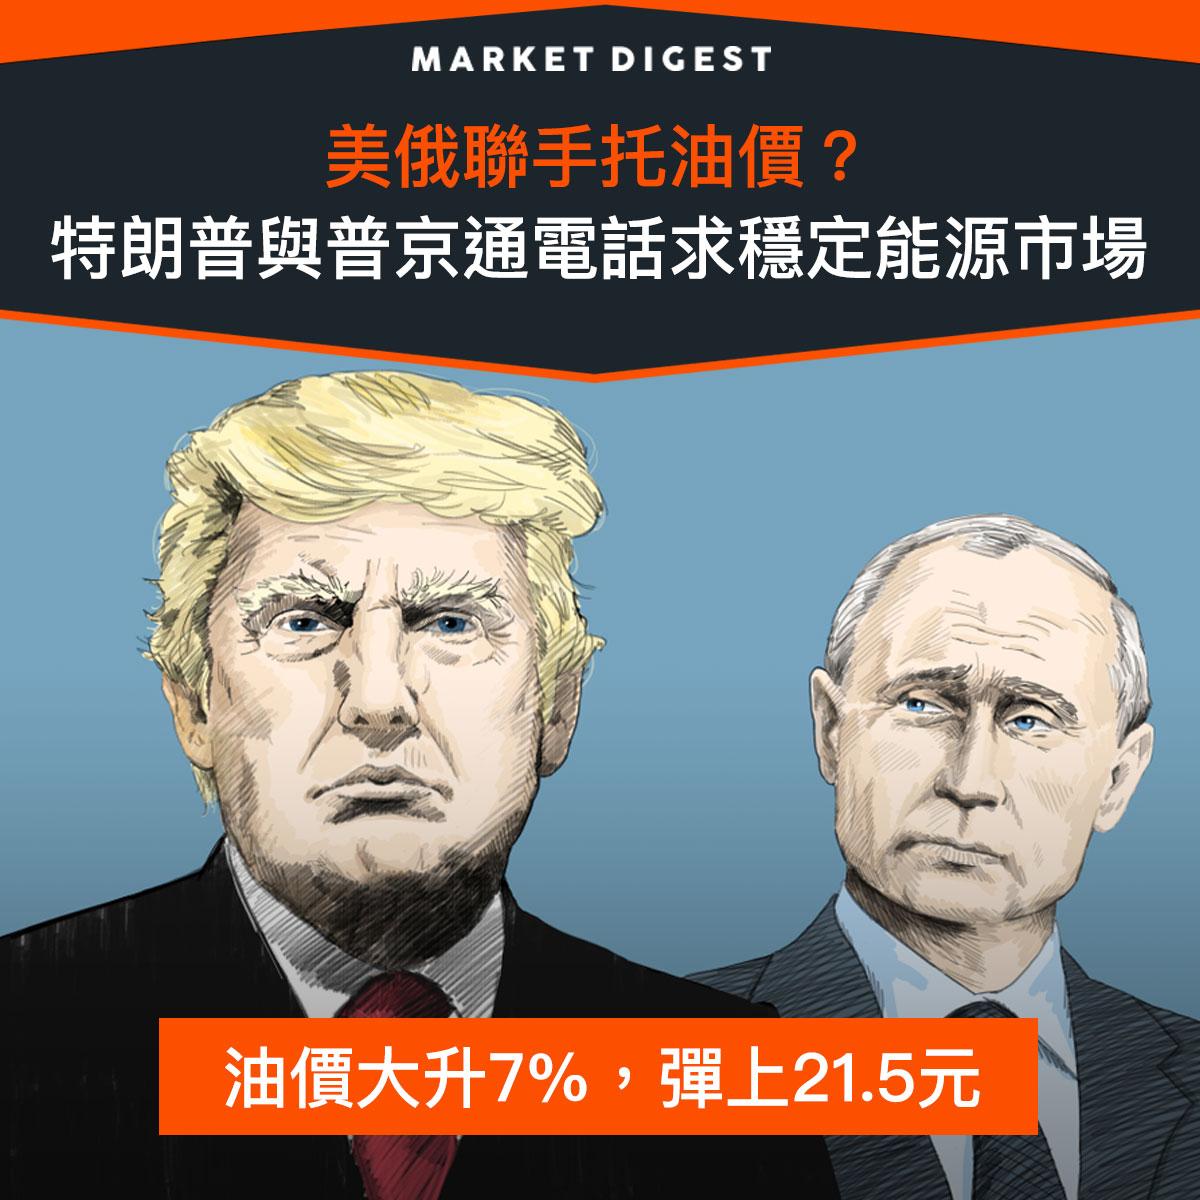 【市場熱話】美俄聯手托油價?特朗普與普京通電話求穩定能源市場